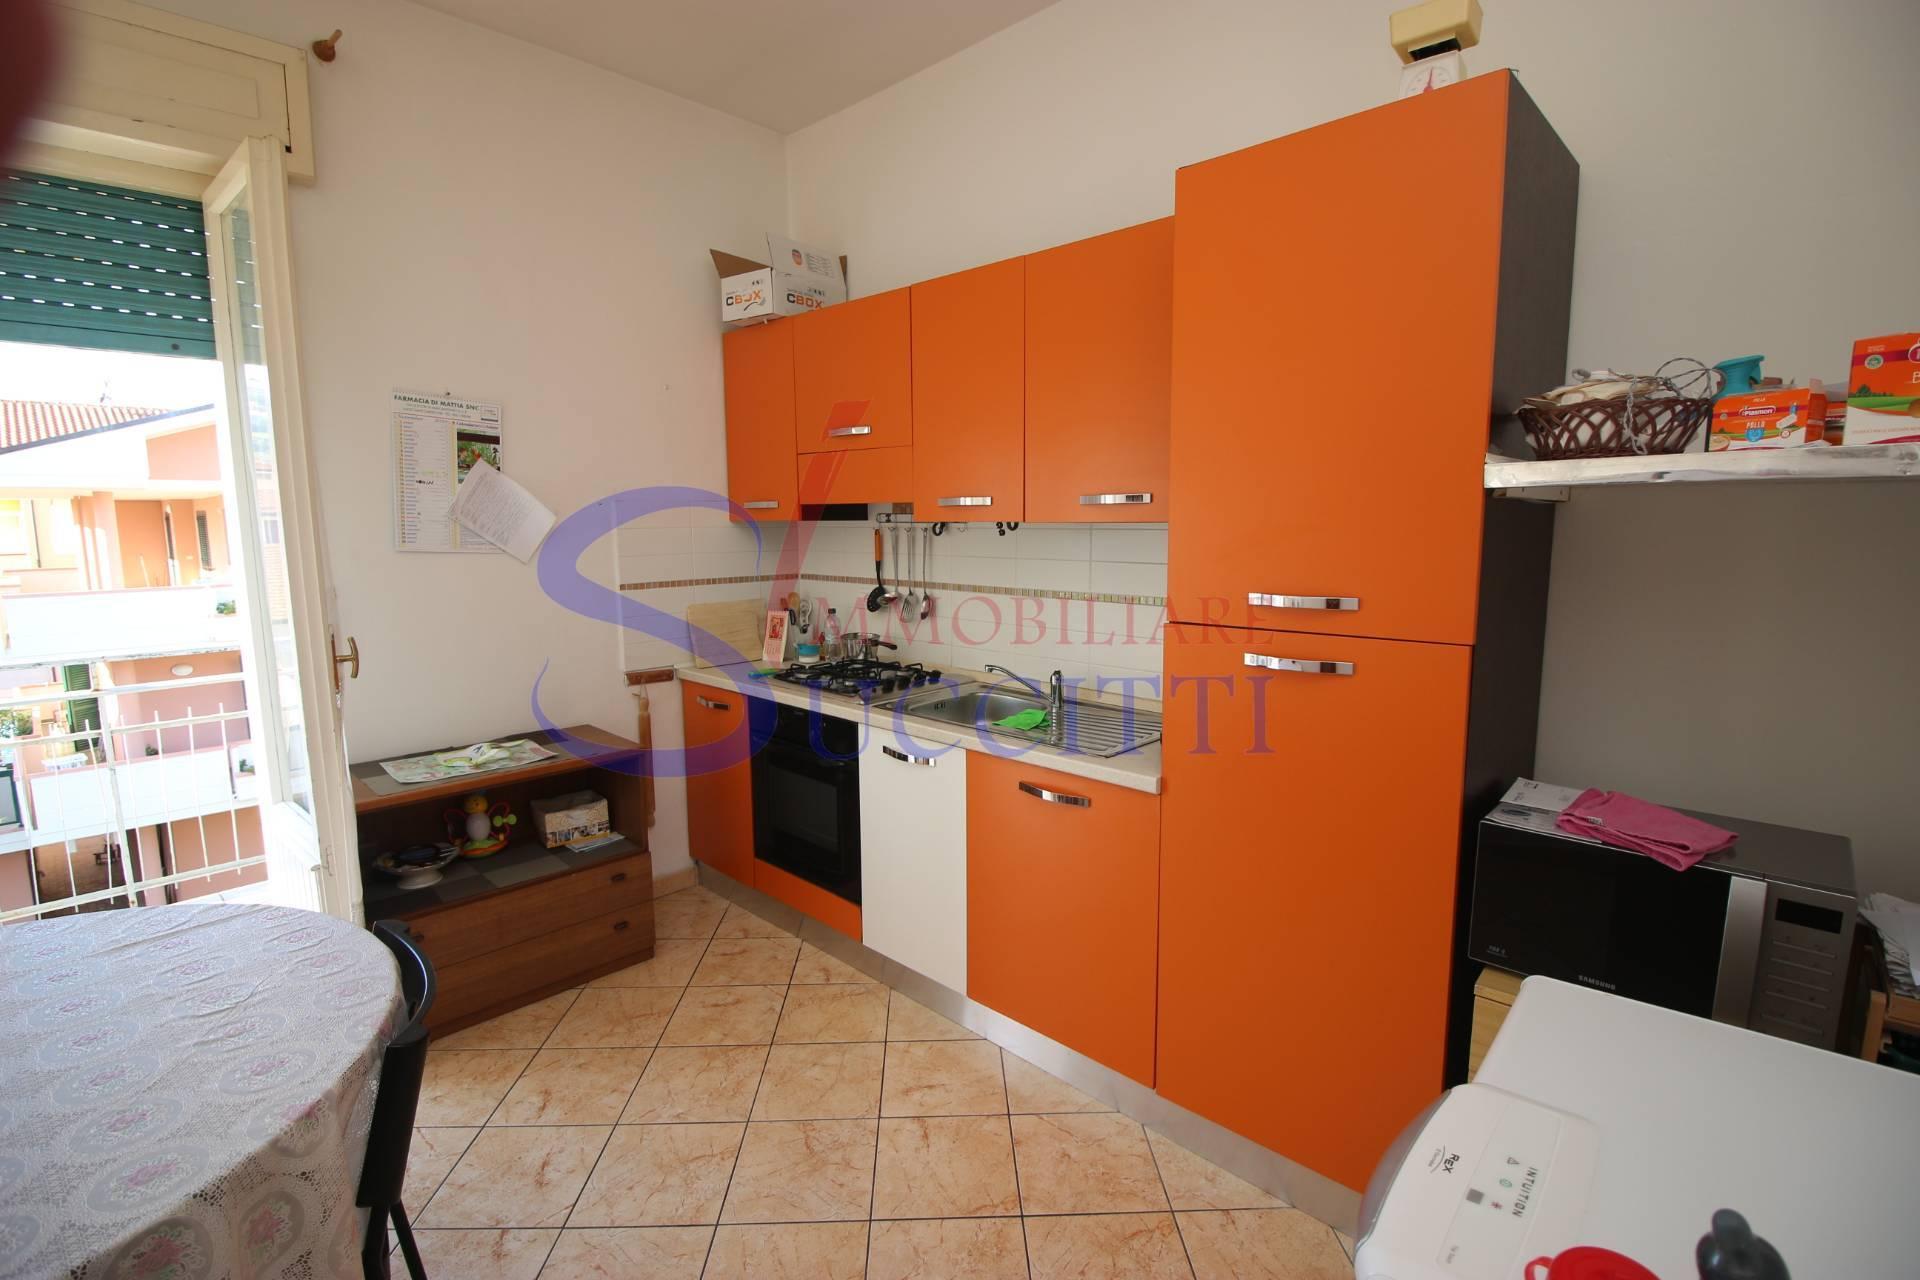 Appartamento in vendita a Tortoreto, 3 locali, zona Località: TortoretoLido, prezzo € 88.000 | CambioCasa.it